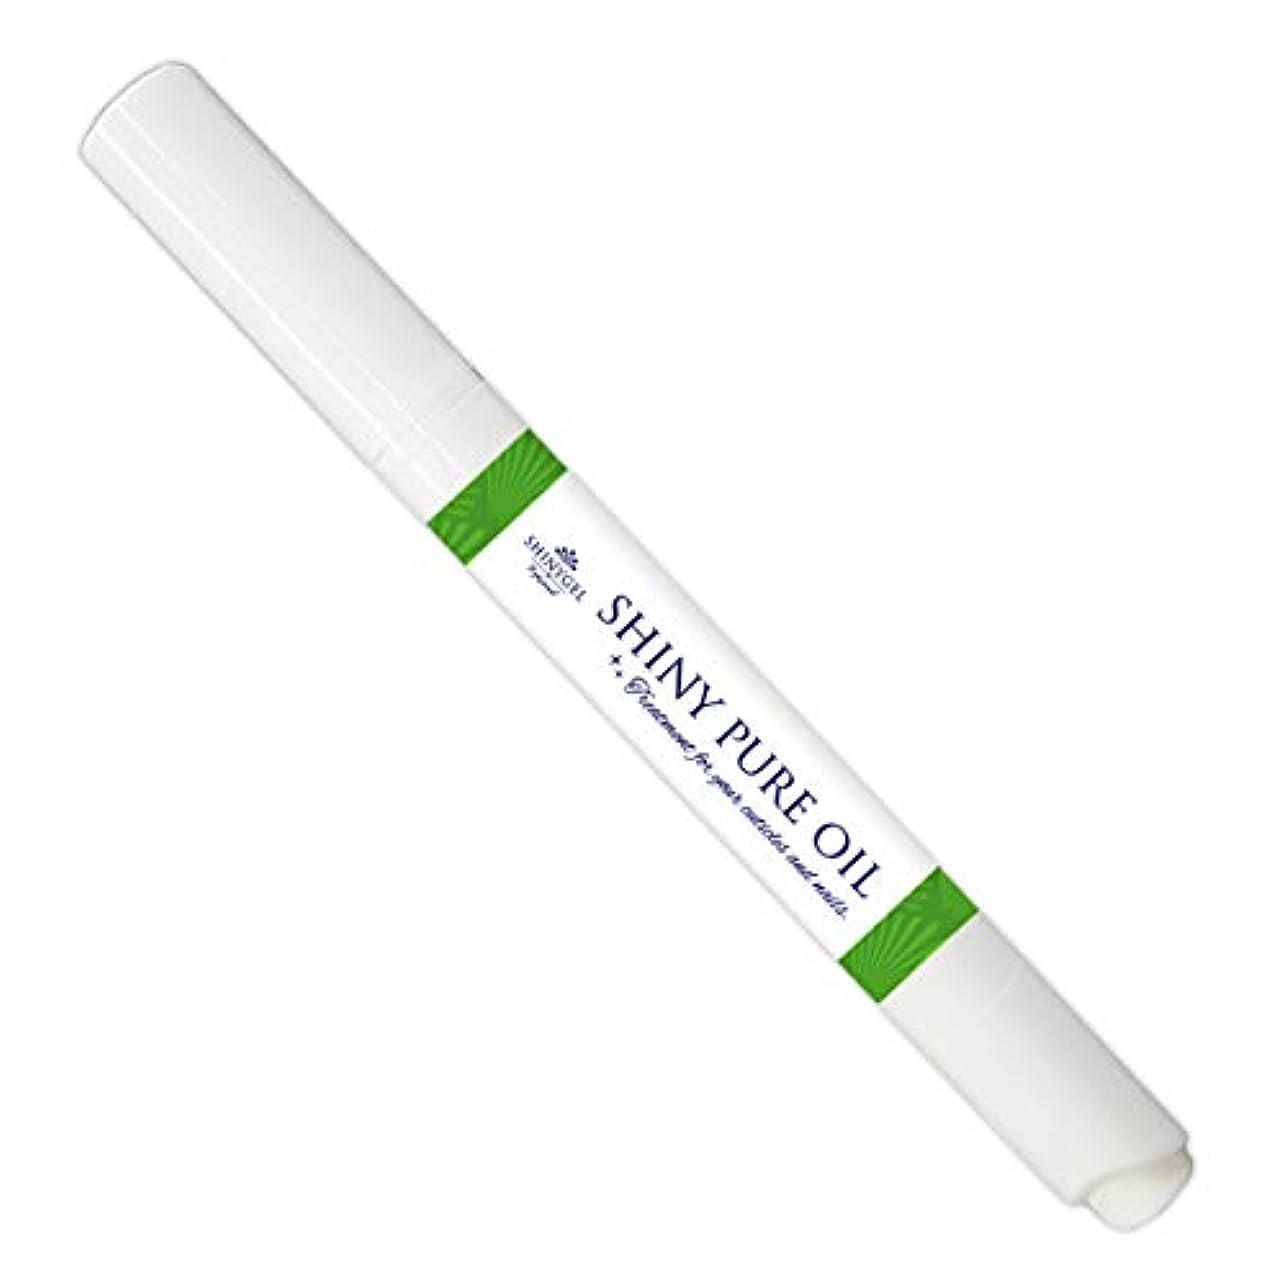 オーバードローまぶしさ水SHINY GEL シャイニーピュアオイル ペンタイプ 2.5ml キューティクルオイル